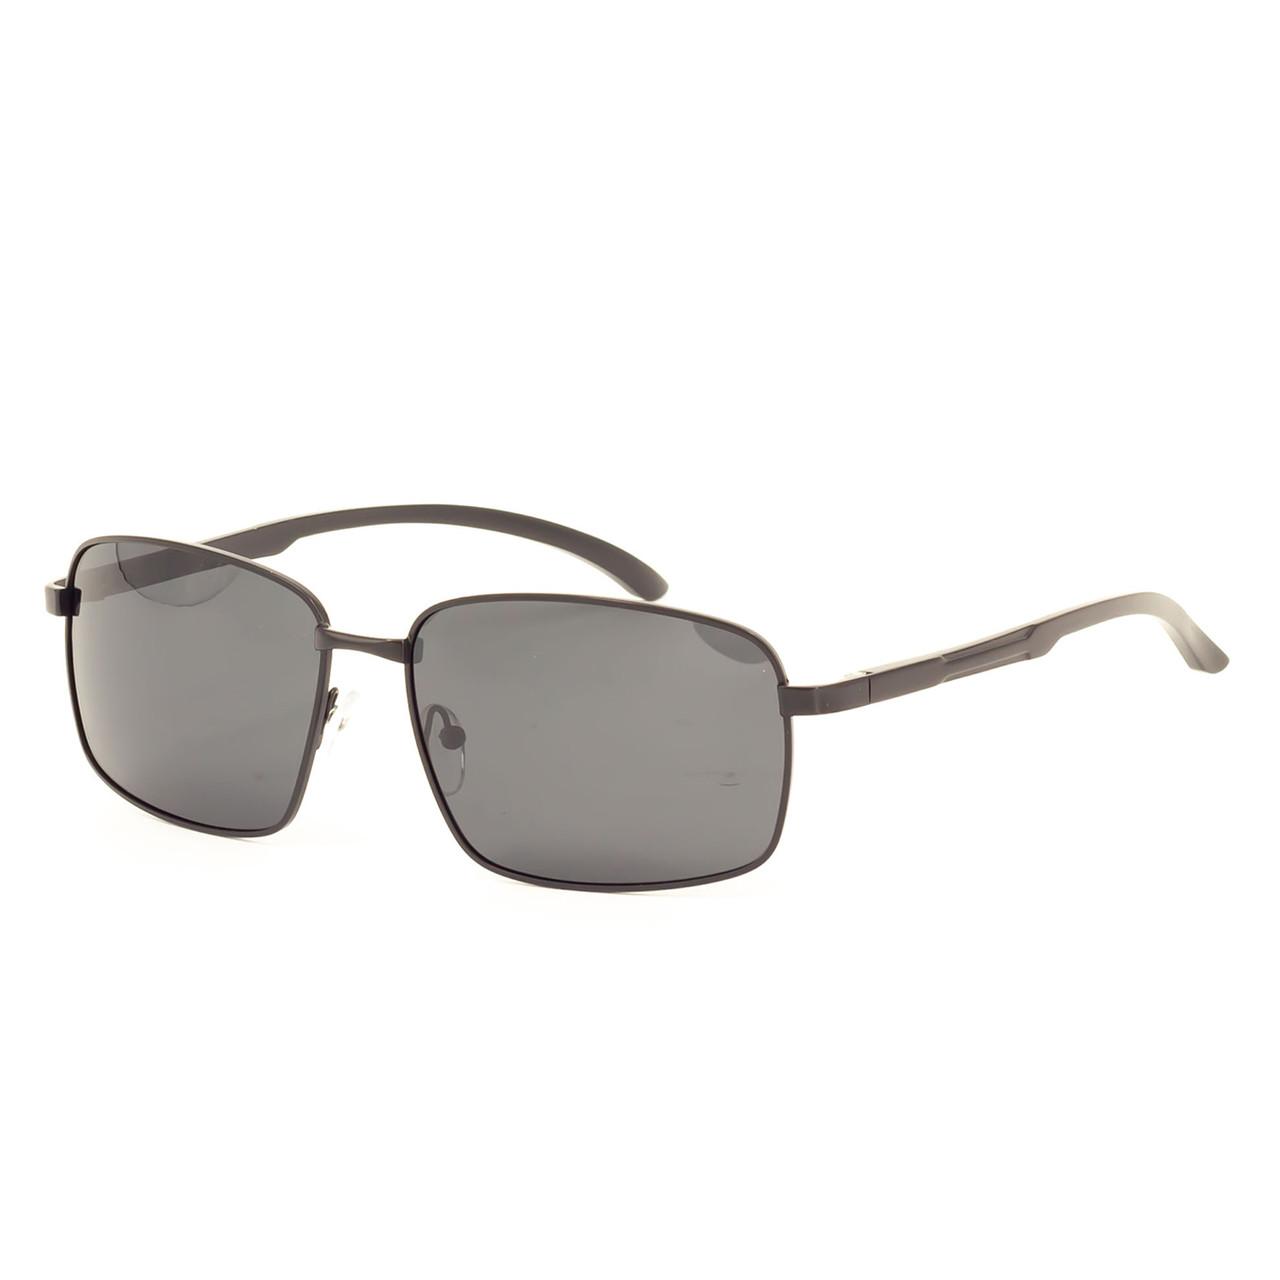 Сонцезахисні окуляри Marmilen Polar 1911 C1 чорні ( BA1911-01 )